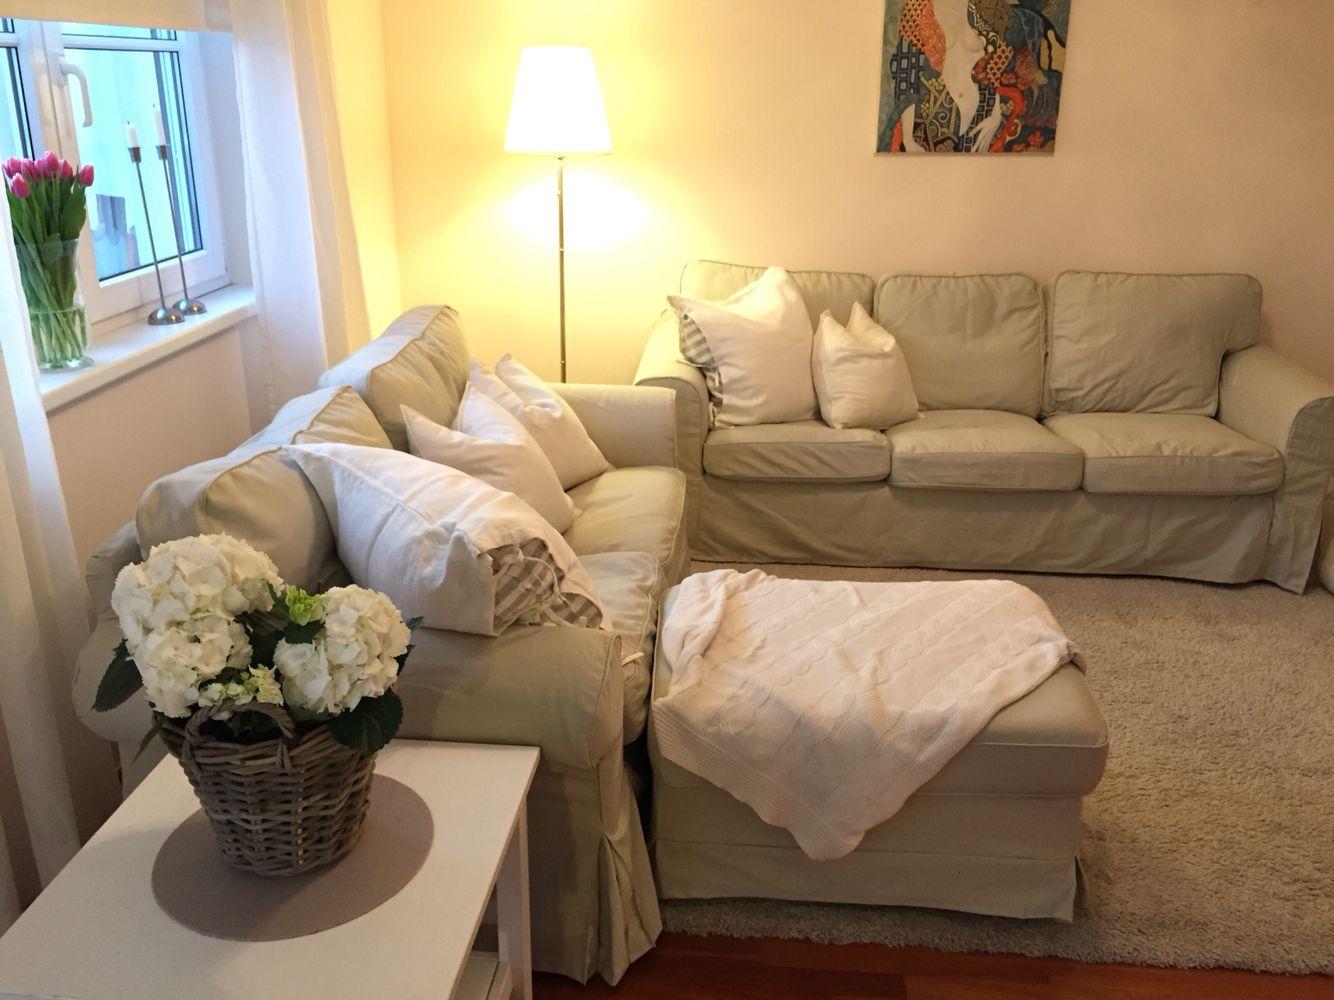 Ikea Living Room Ideas Ektorp my ikea ektorp tygelsjö beige living room | ikea livingroom